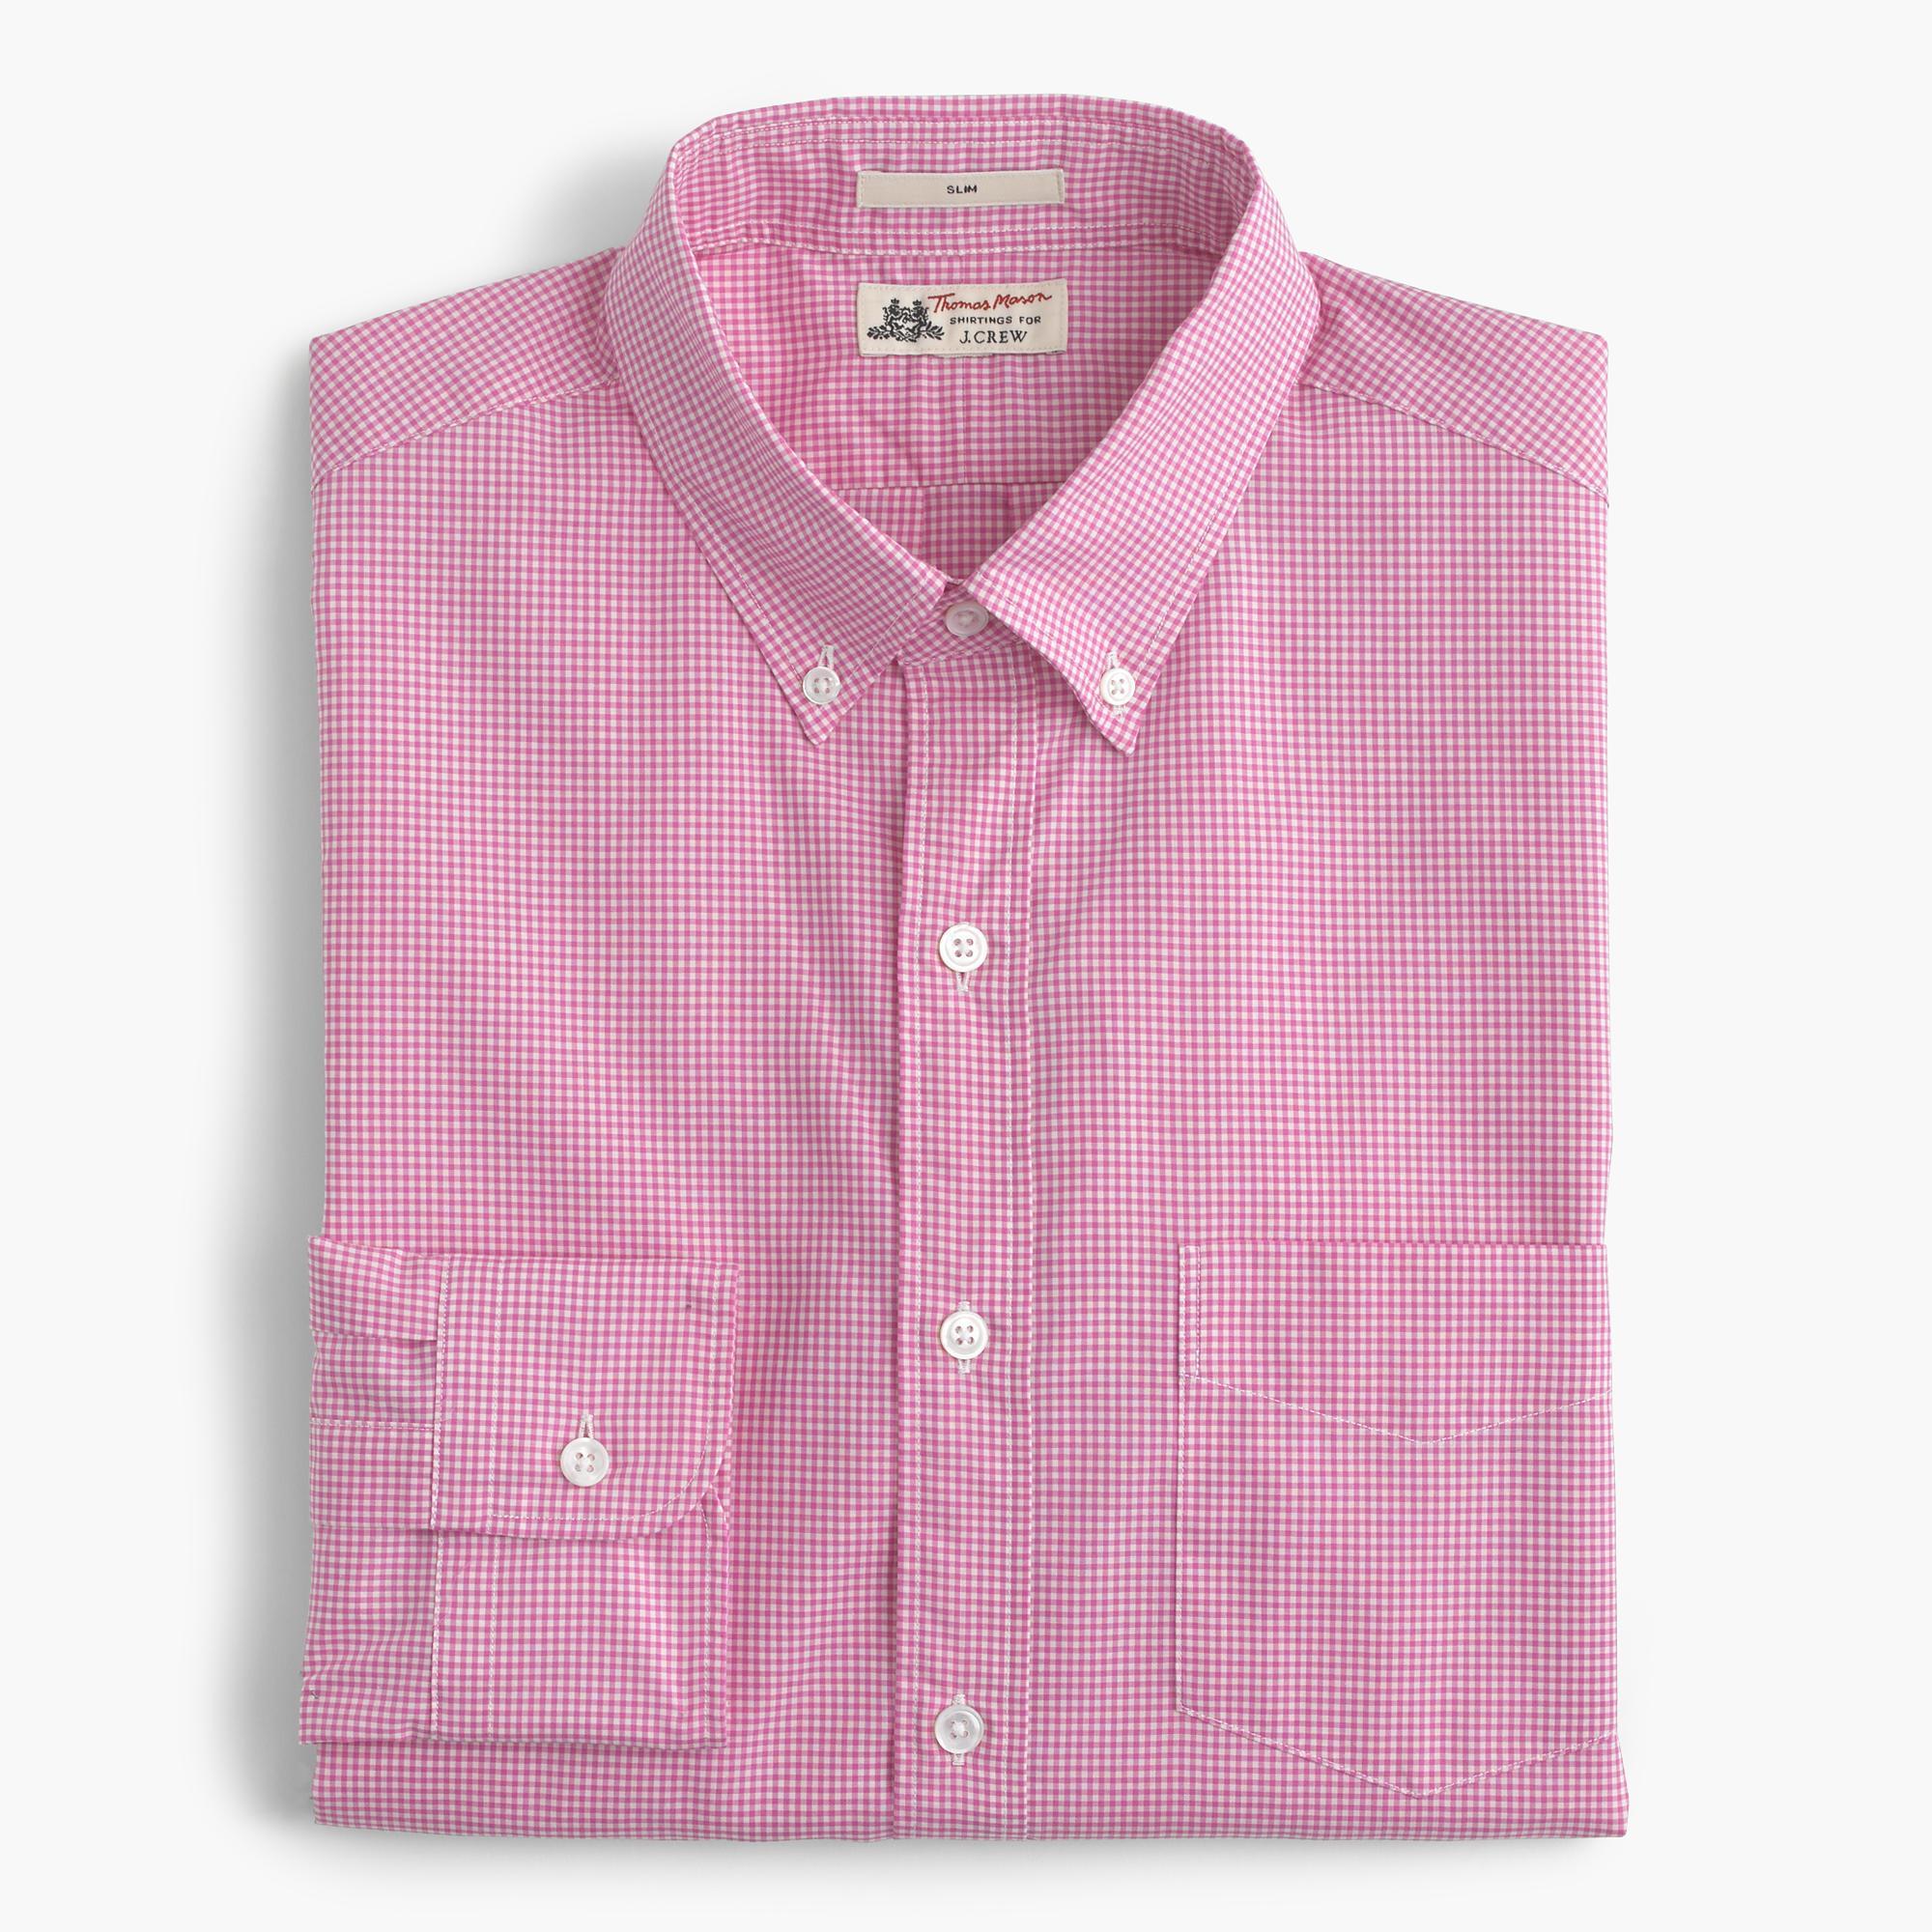 Thomas Mason Ludlow Shirt In Pink Microgingham In